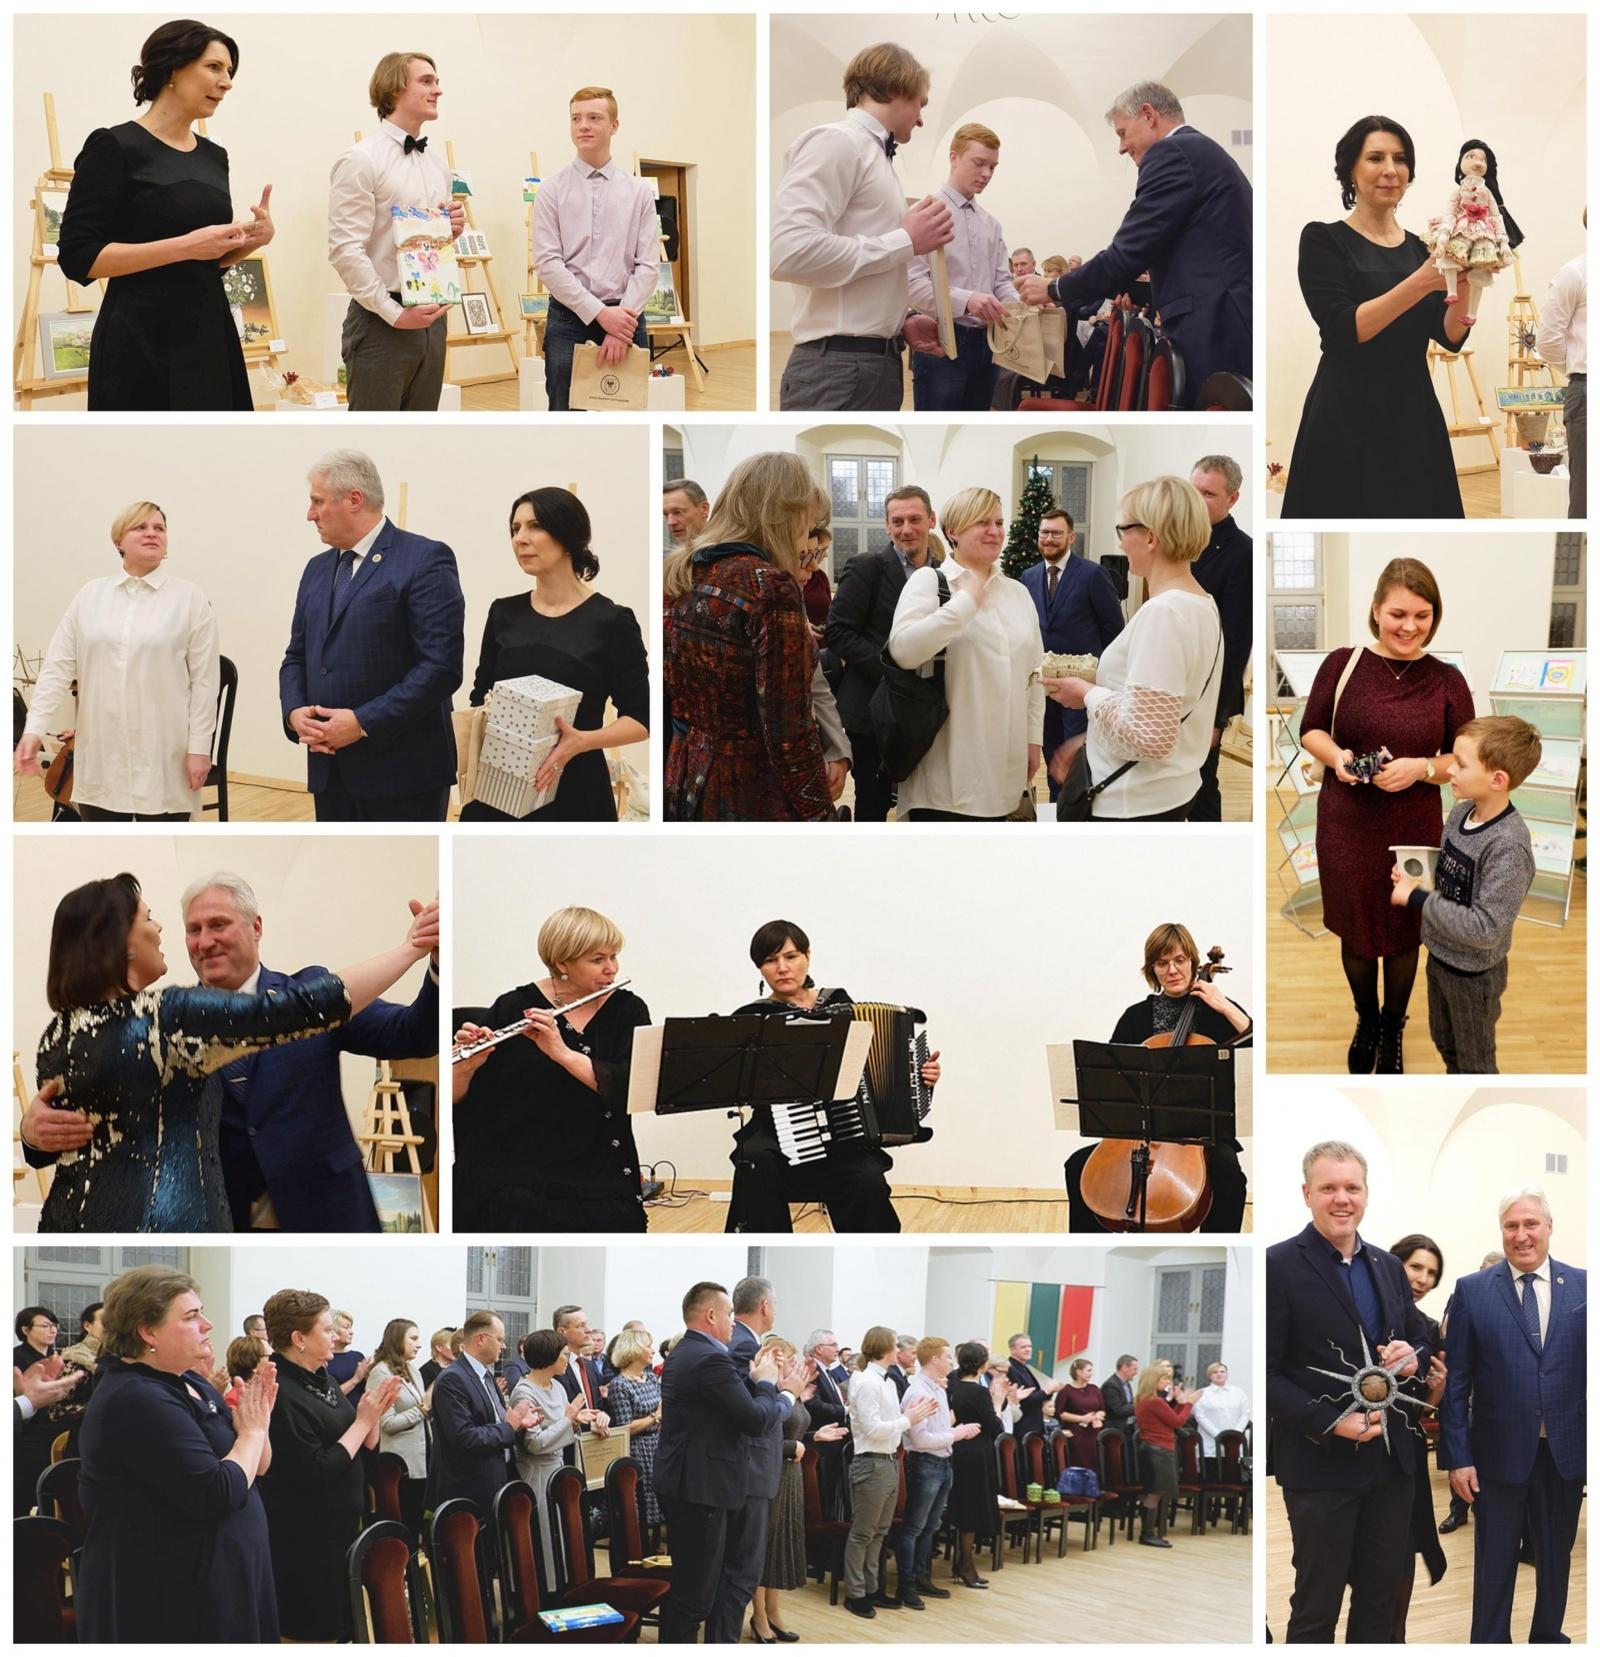 Mero labdaros vakare – šventiška muzika, nuotaikingas aukcionas ir dalinimosi stebuklas